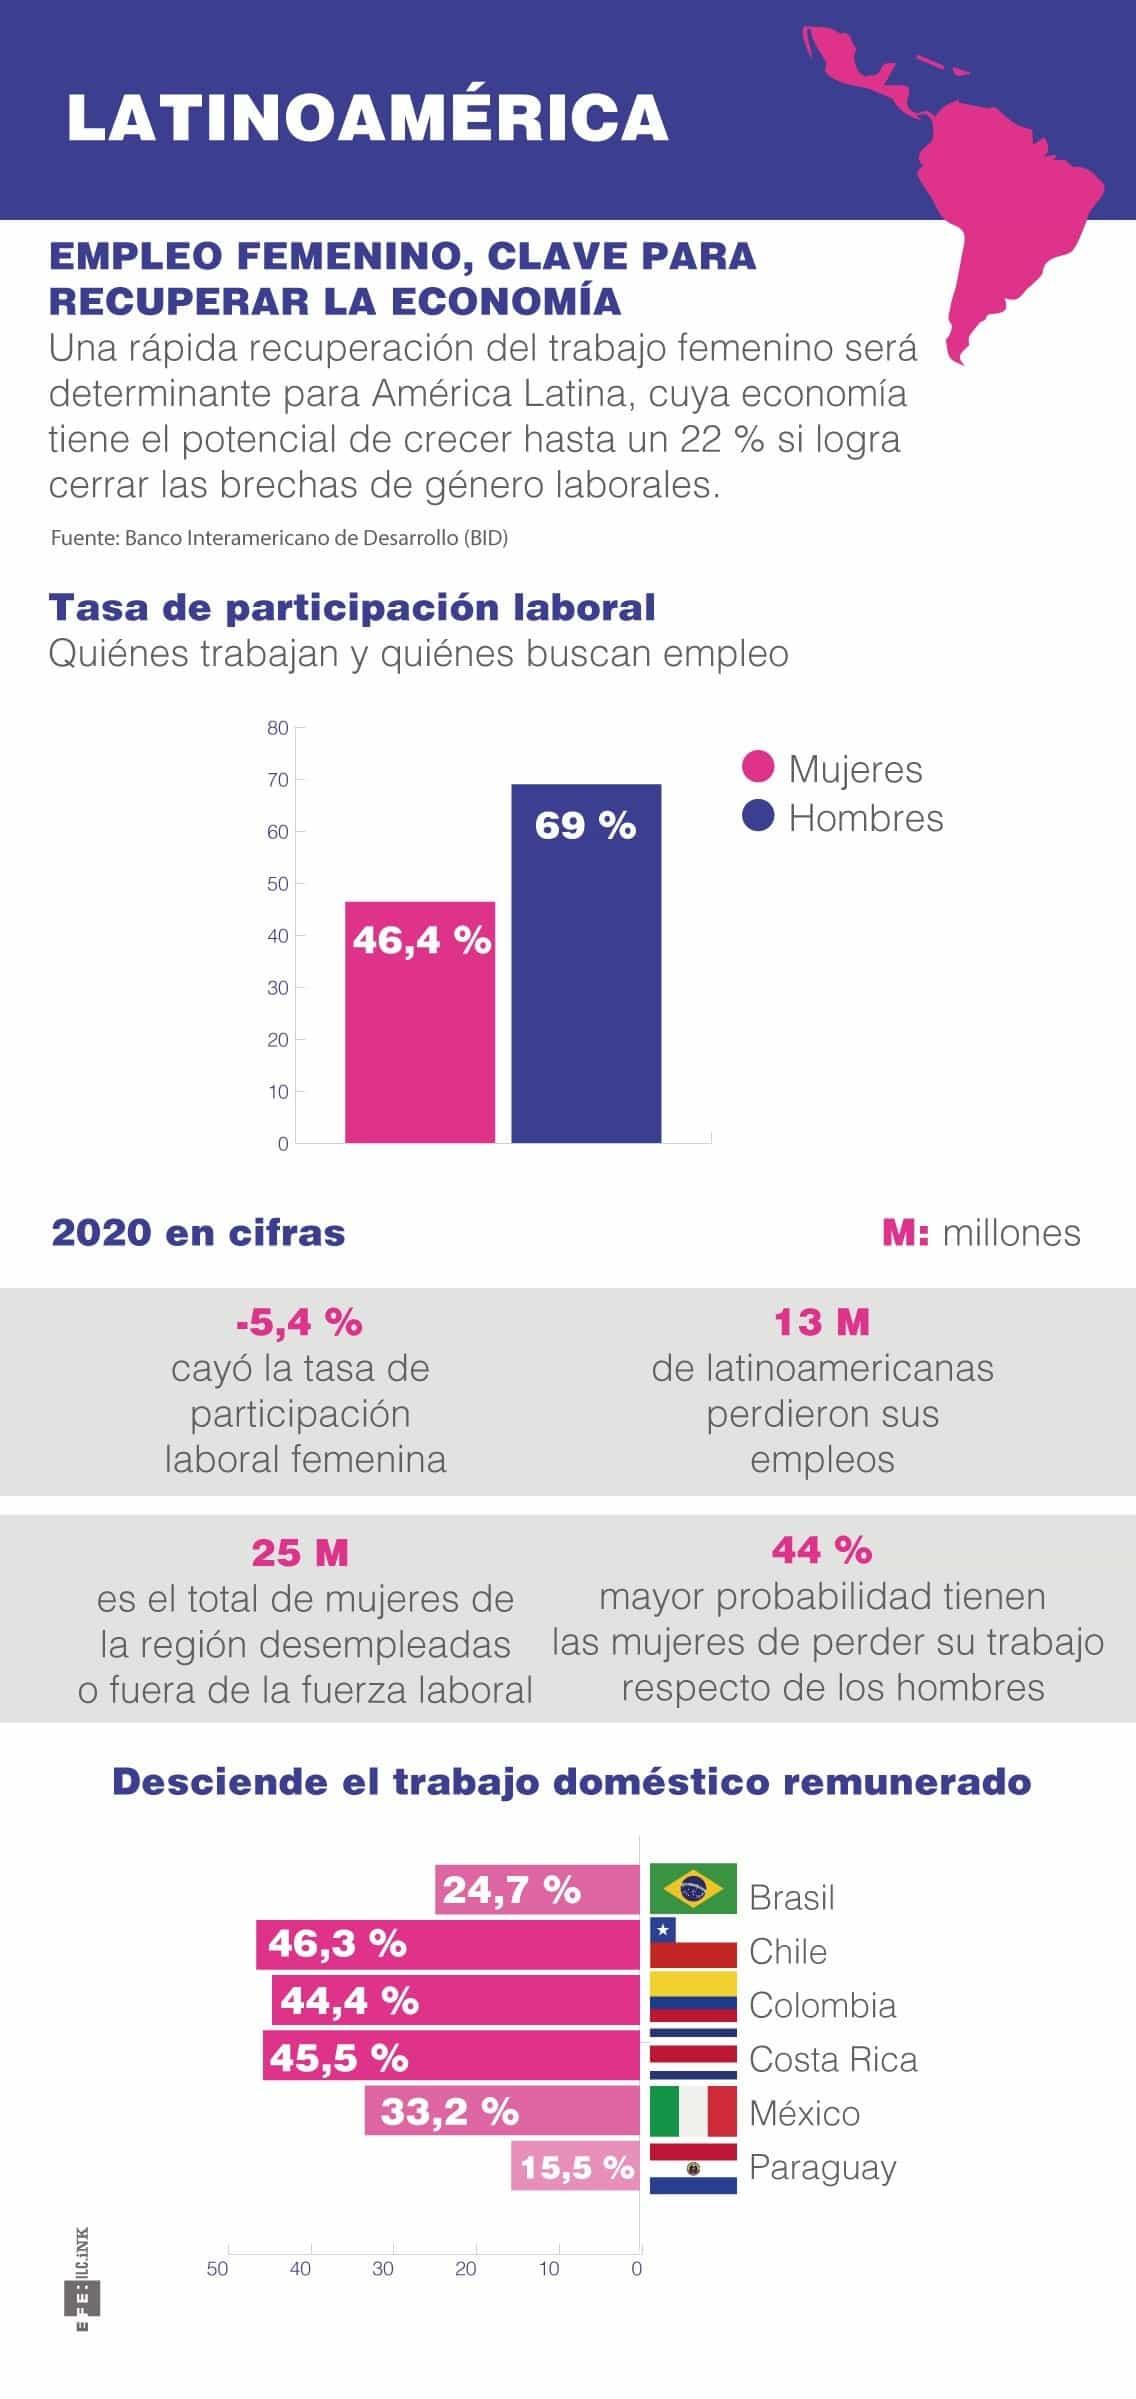 [Infografía] Latinoamérica empleo femenino, clave para recuperar la economía 1